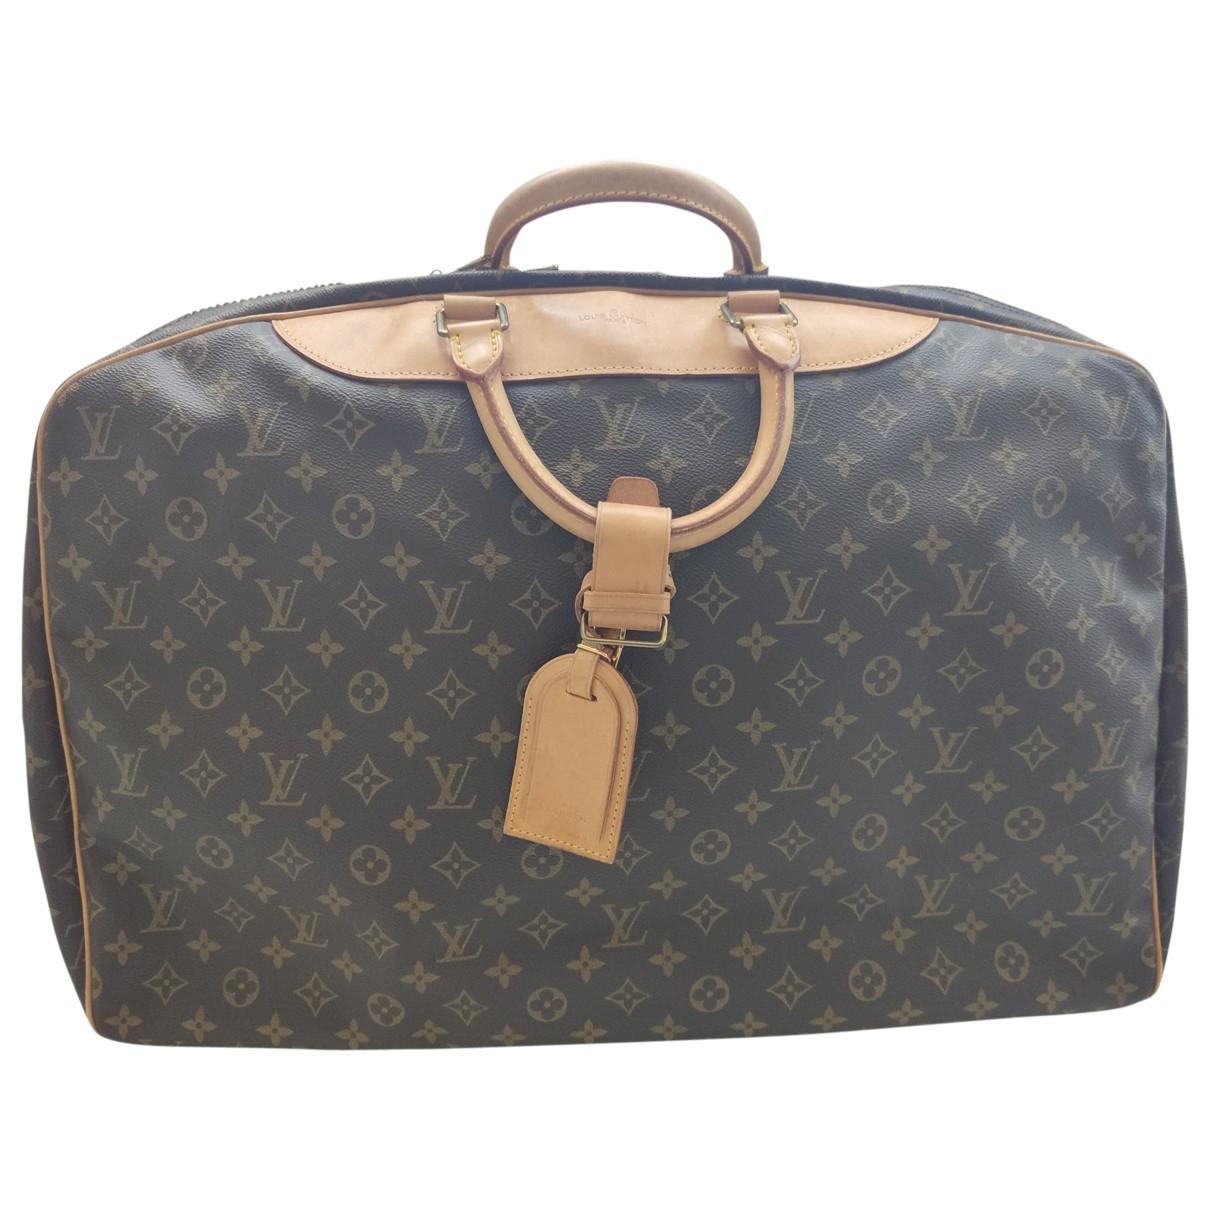 Louis Vuitton - Sac de voyage Alize pour femme en toile - marron